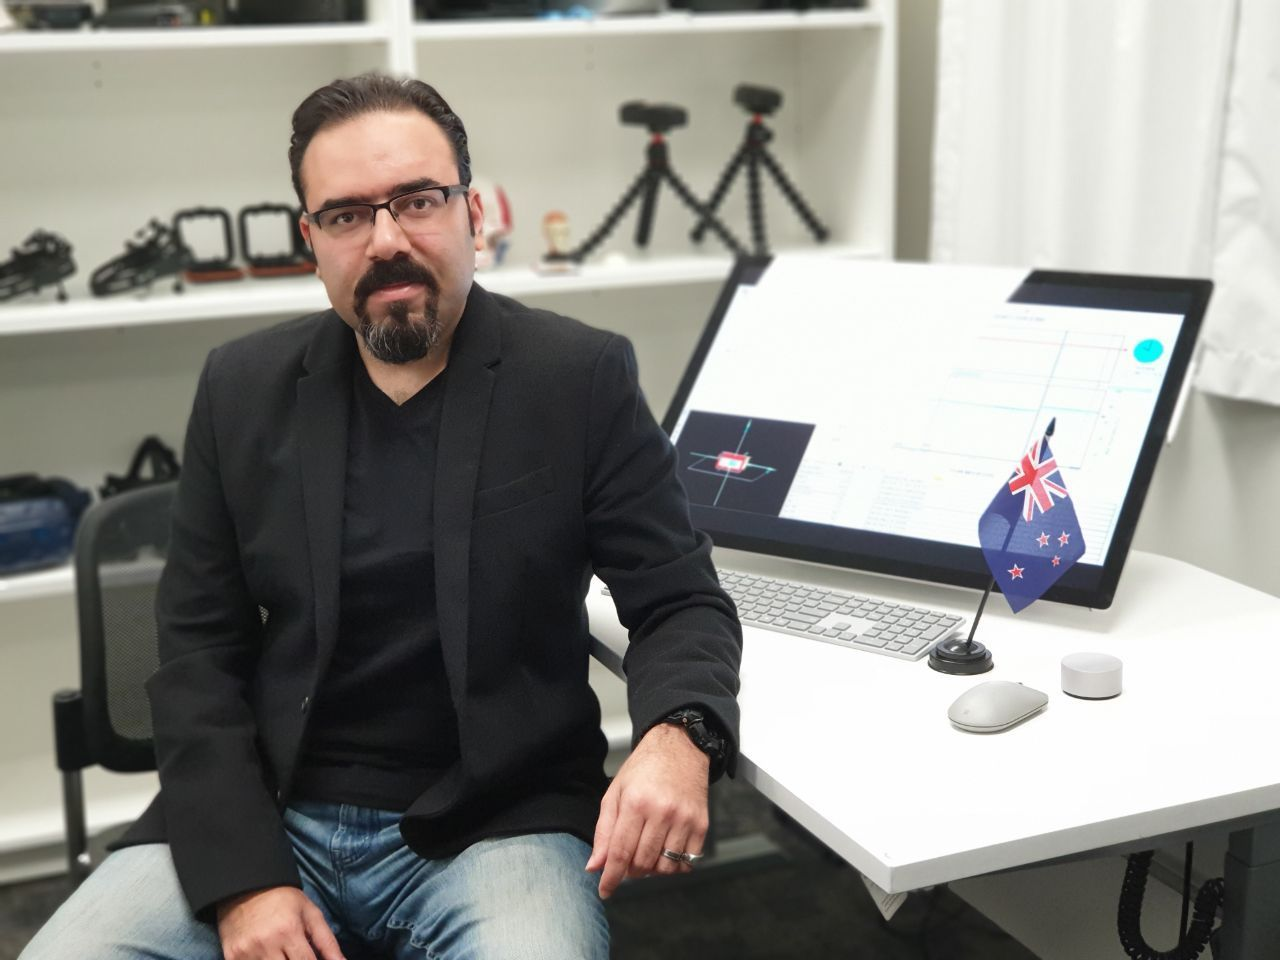 Ali Ghaffarainhoseini